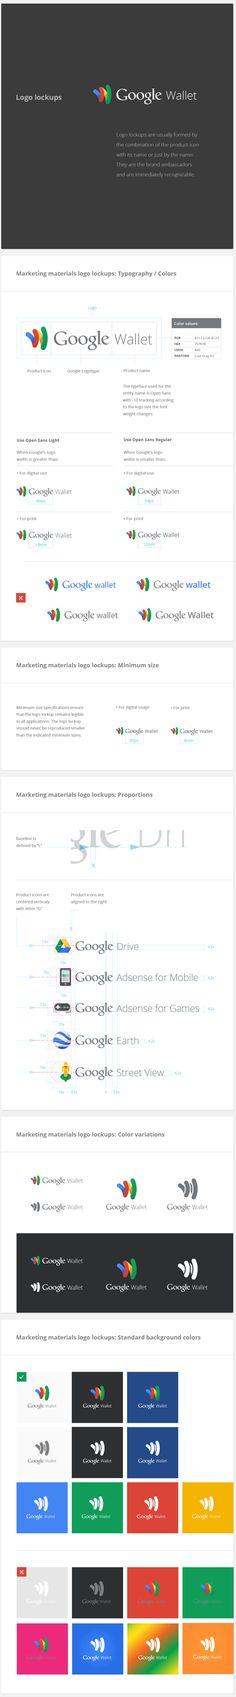 icon, logo design, brand guidelines, visual identity, flat design, brand design, design inspir, mobile design